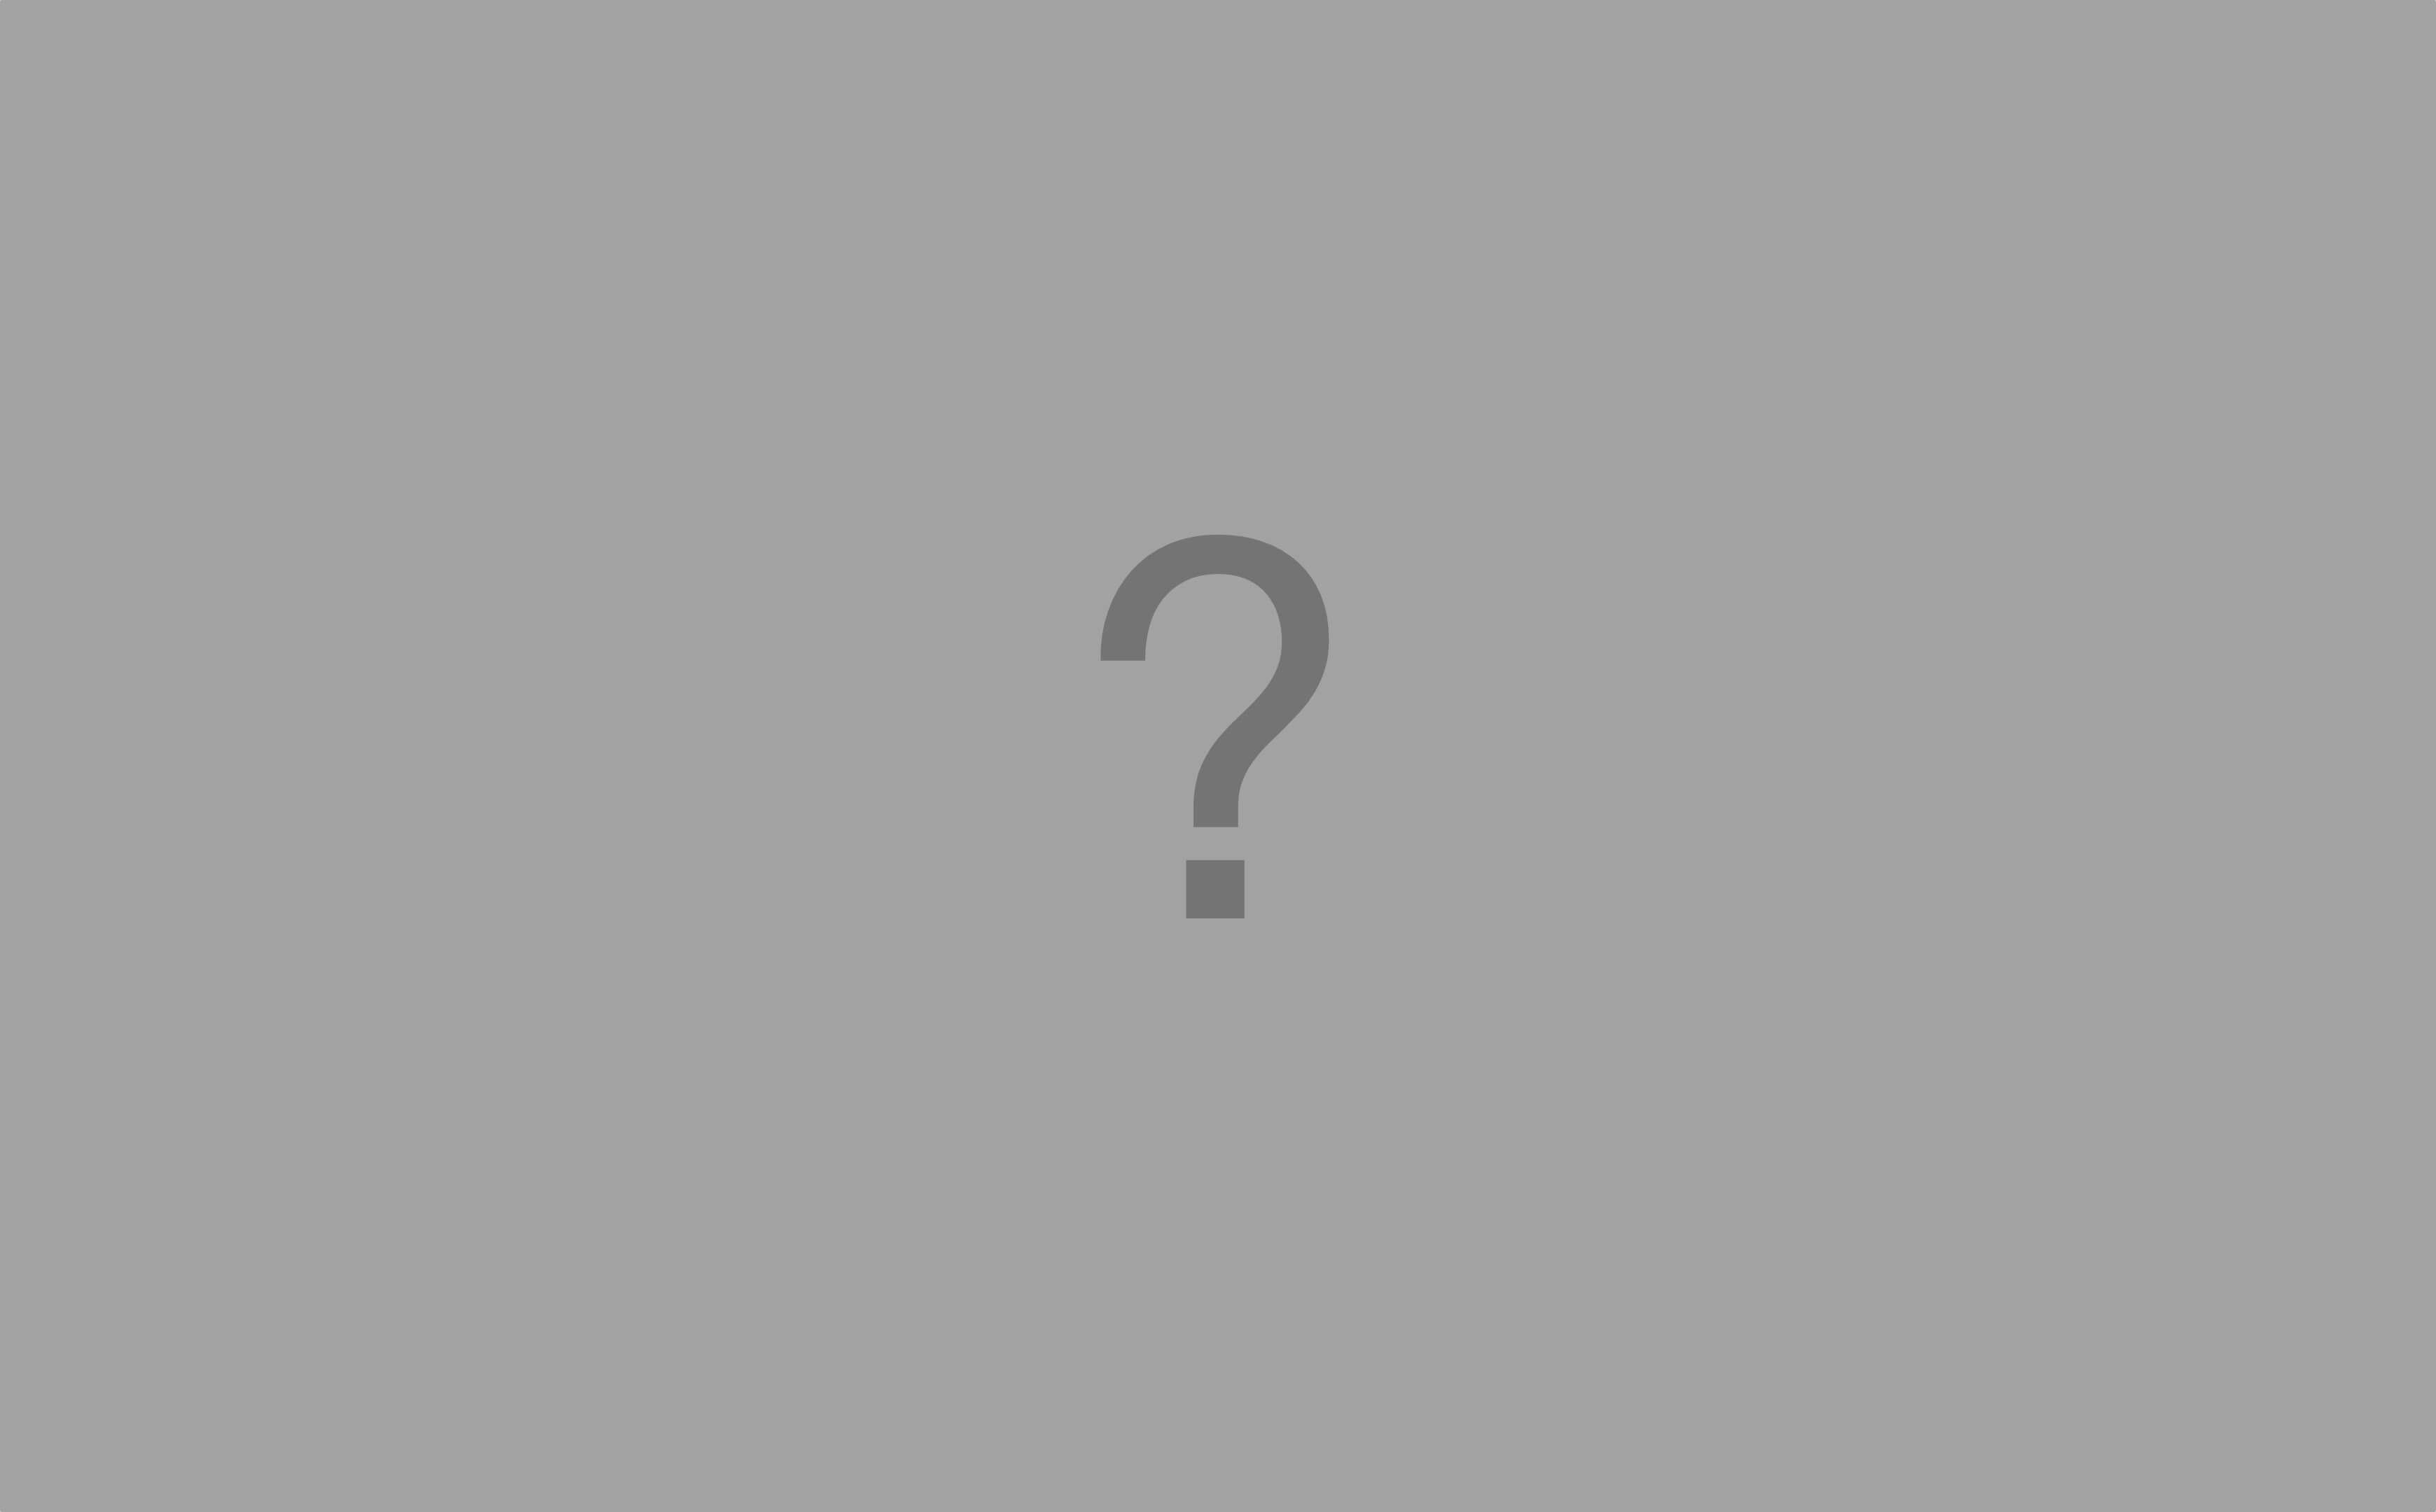 Angeblich kleines Budget-iPhone für 2020 geplant: Seid ihr interessiert?